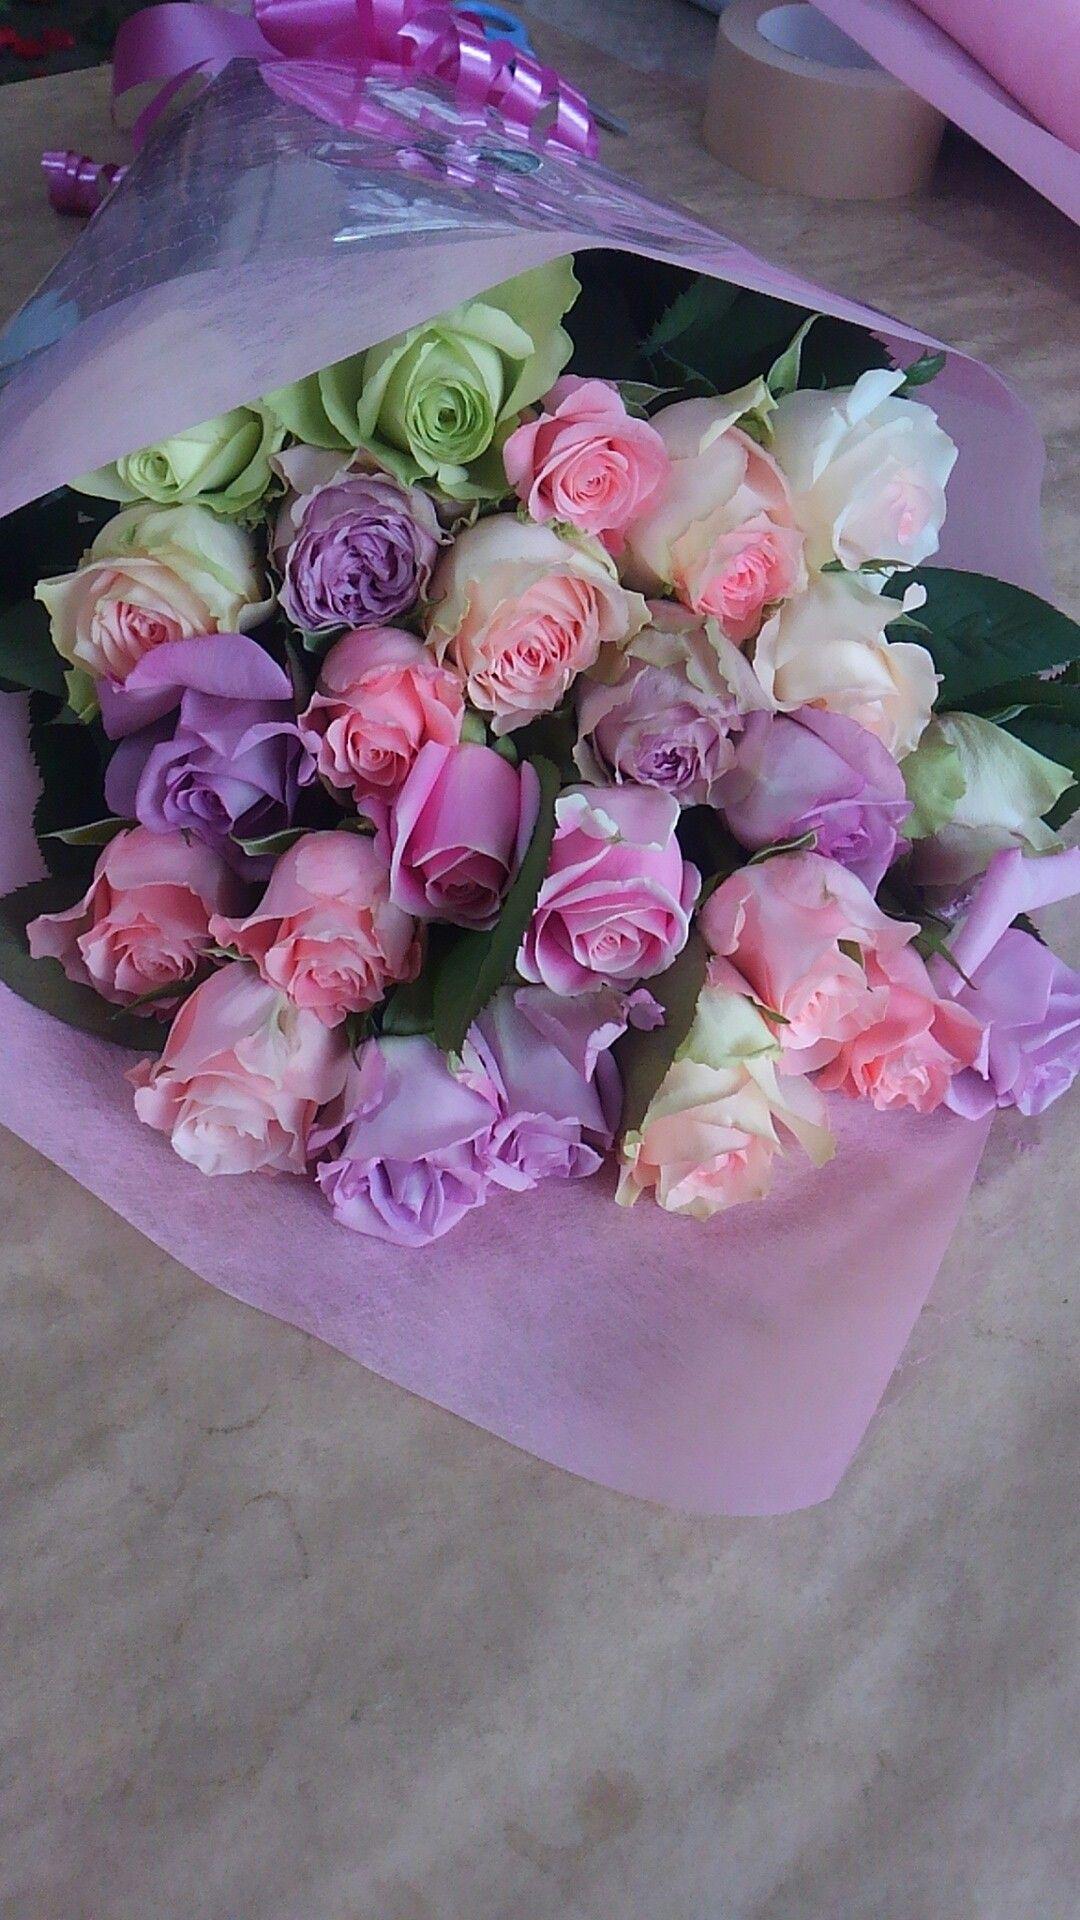 Pin By Zelda De Jager On Beautiful Flowers Pinterest Flowers